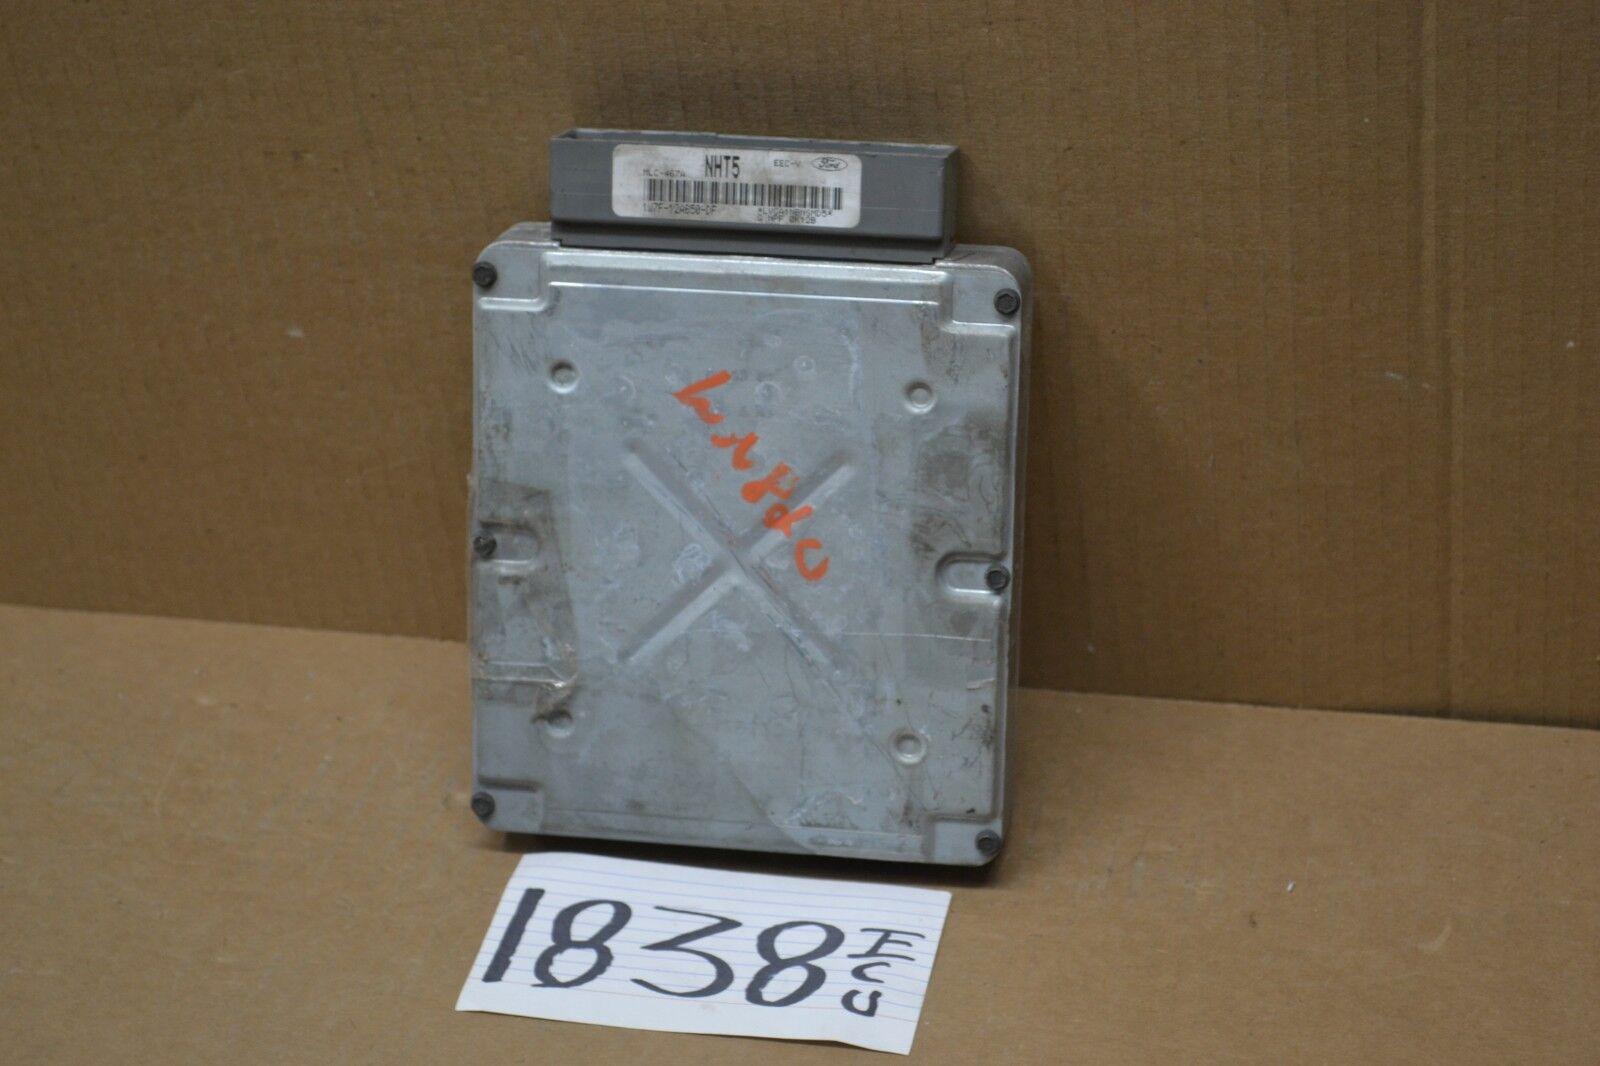 2000 Mercury Grand Marquis #1838 Engine Computer ECM ECU 1W7F-12A650-DF